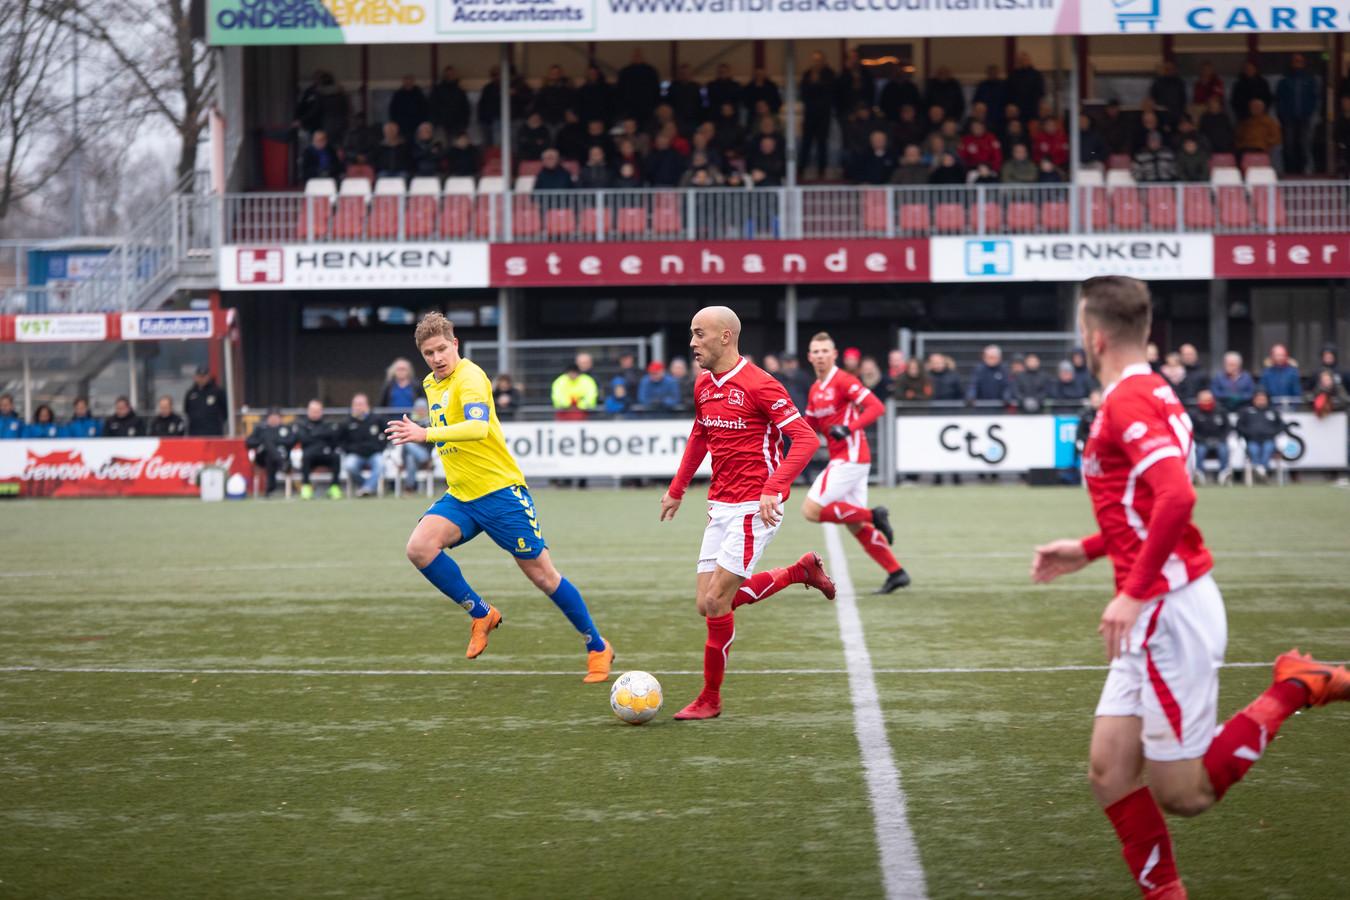 DOVO (hier op archieffoto) opent 2019 met een gelijkspel op sportpark Panhuis tegen hekkensluiter De Dijk.